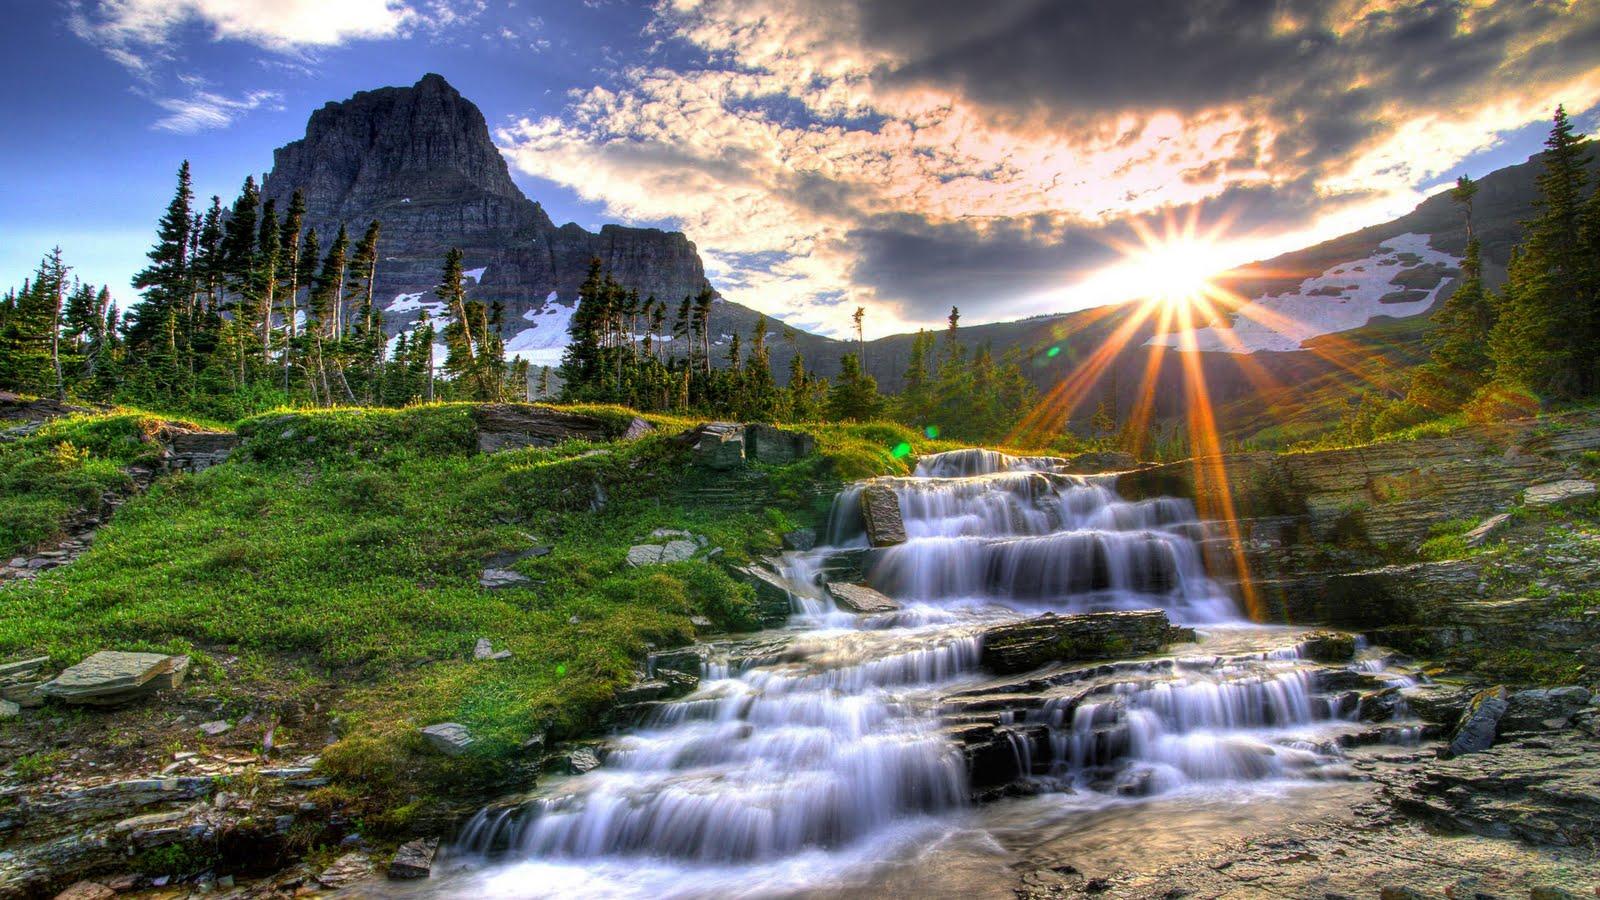 Imagini Superbe Natura, Super Peisaje